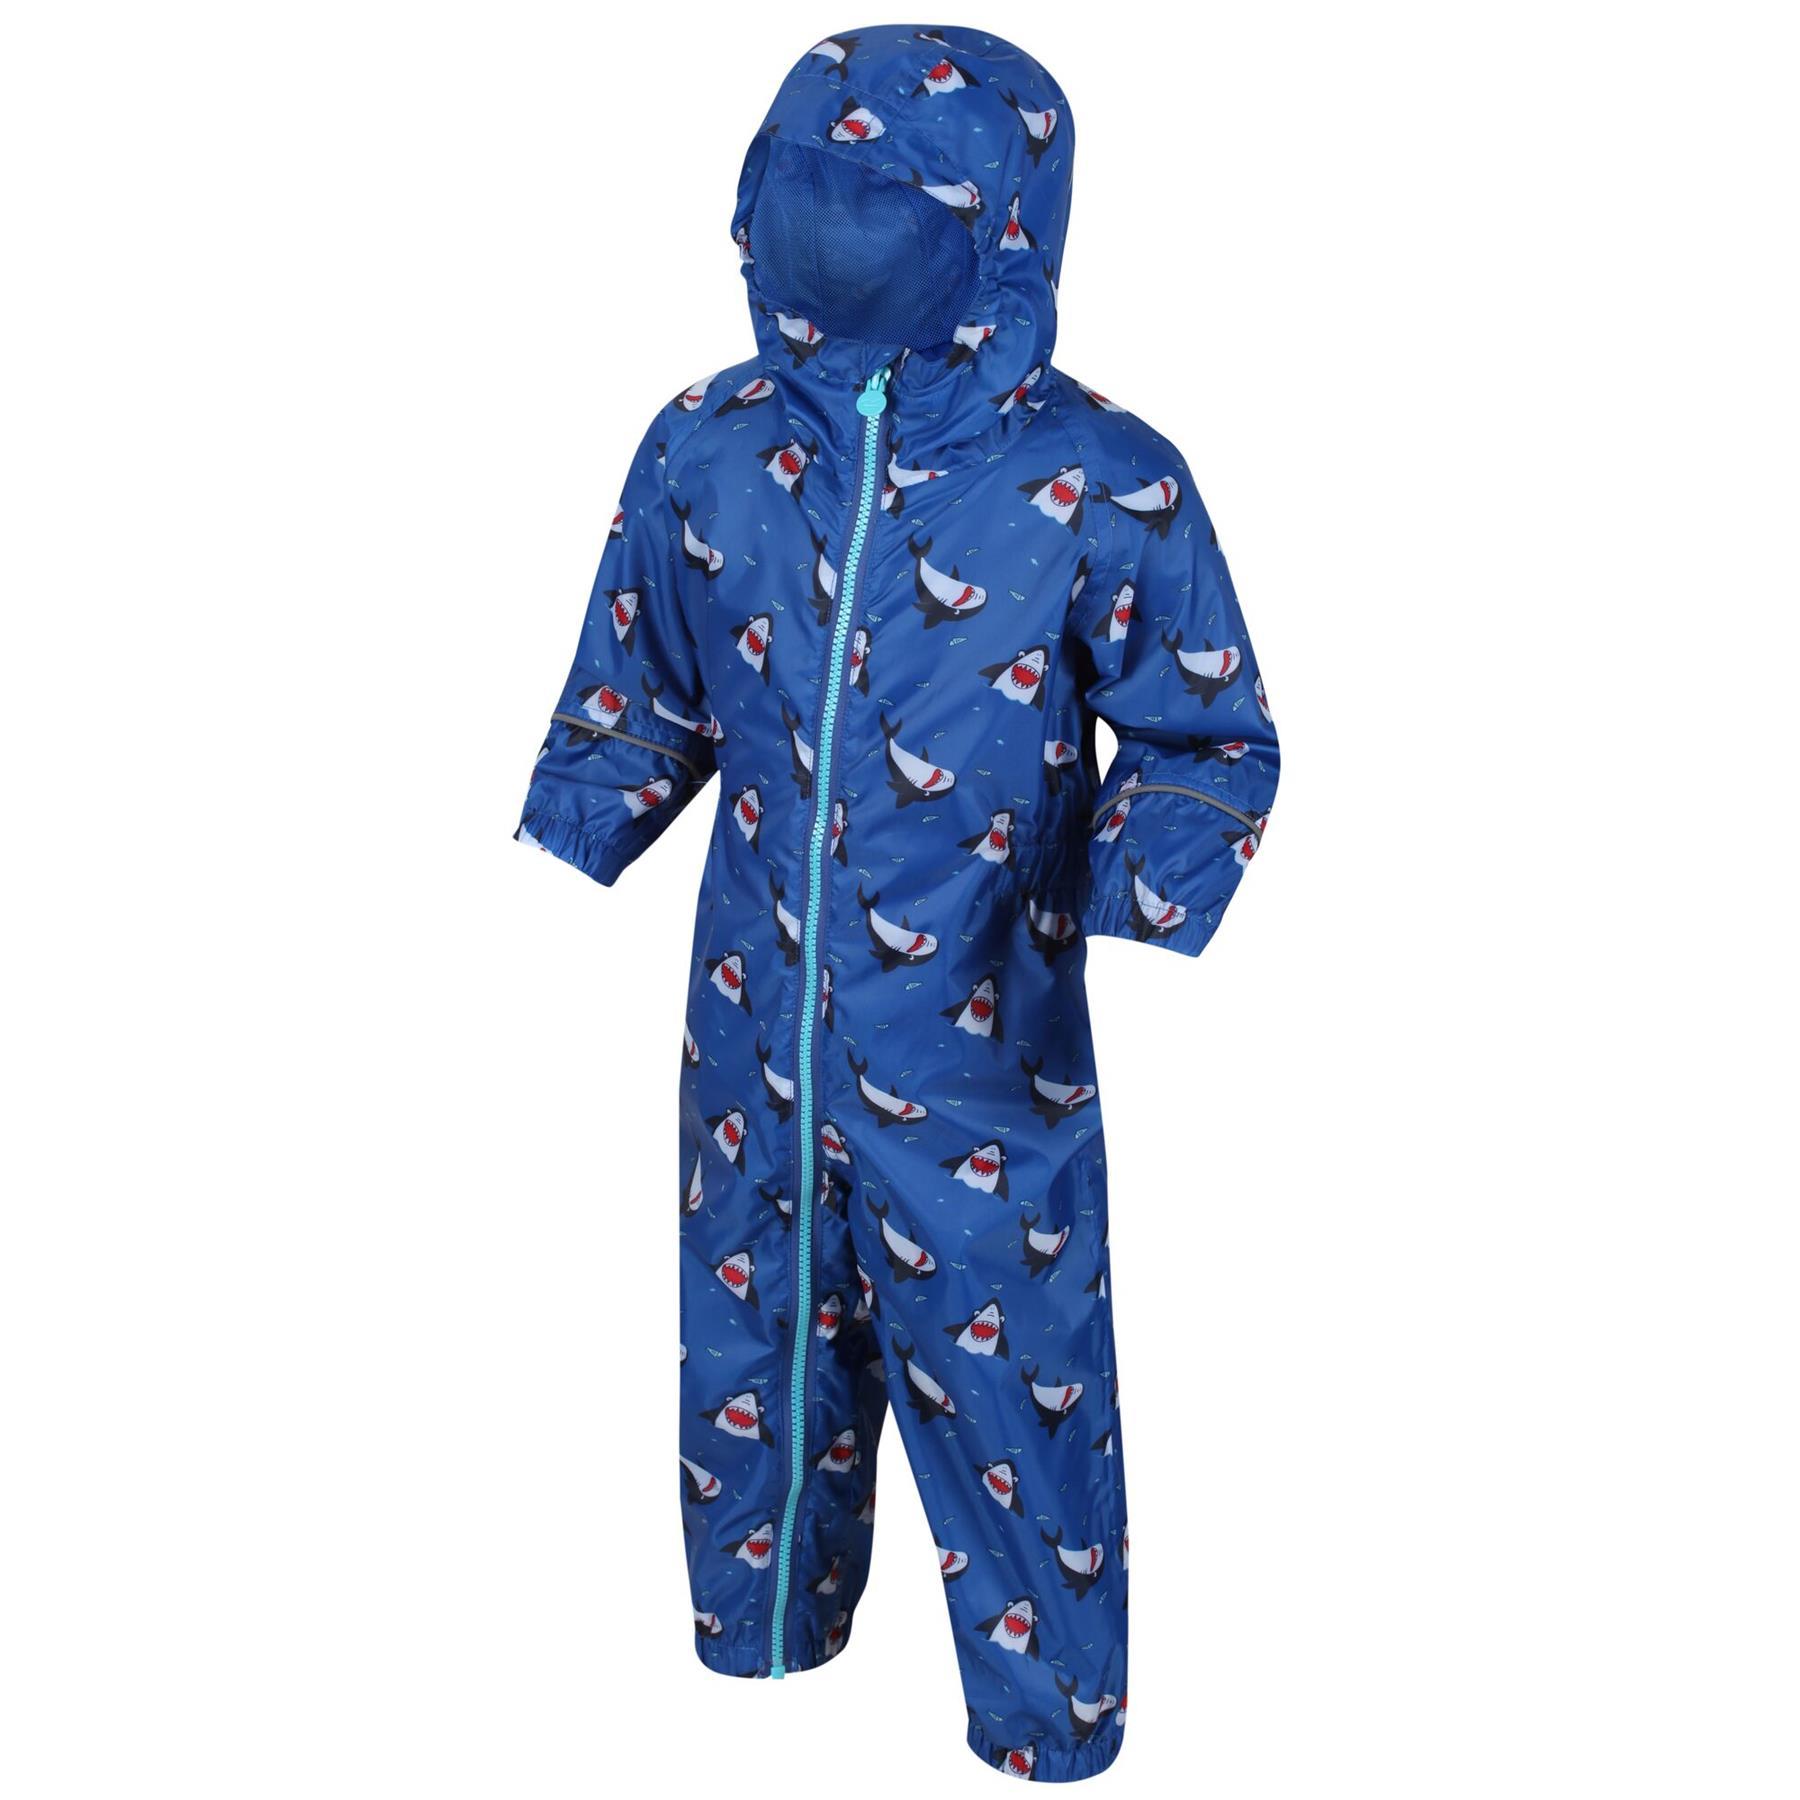 miniatuur 12 - Regatta Pobble Rain suit Waterproof All In One Childrens Kids Boys Girls